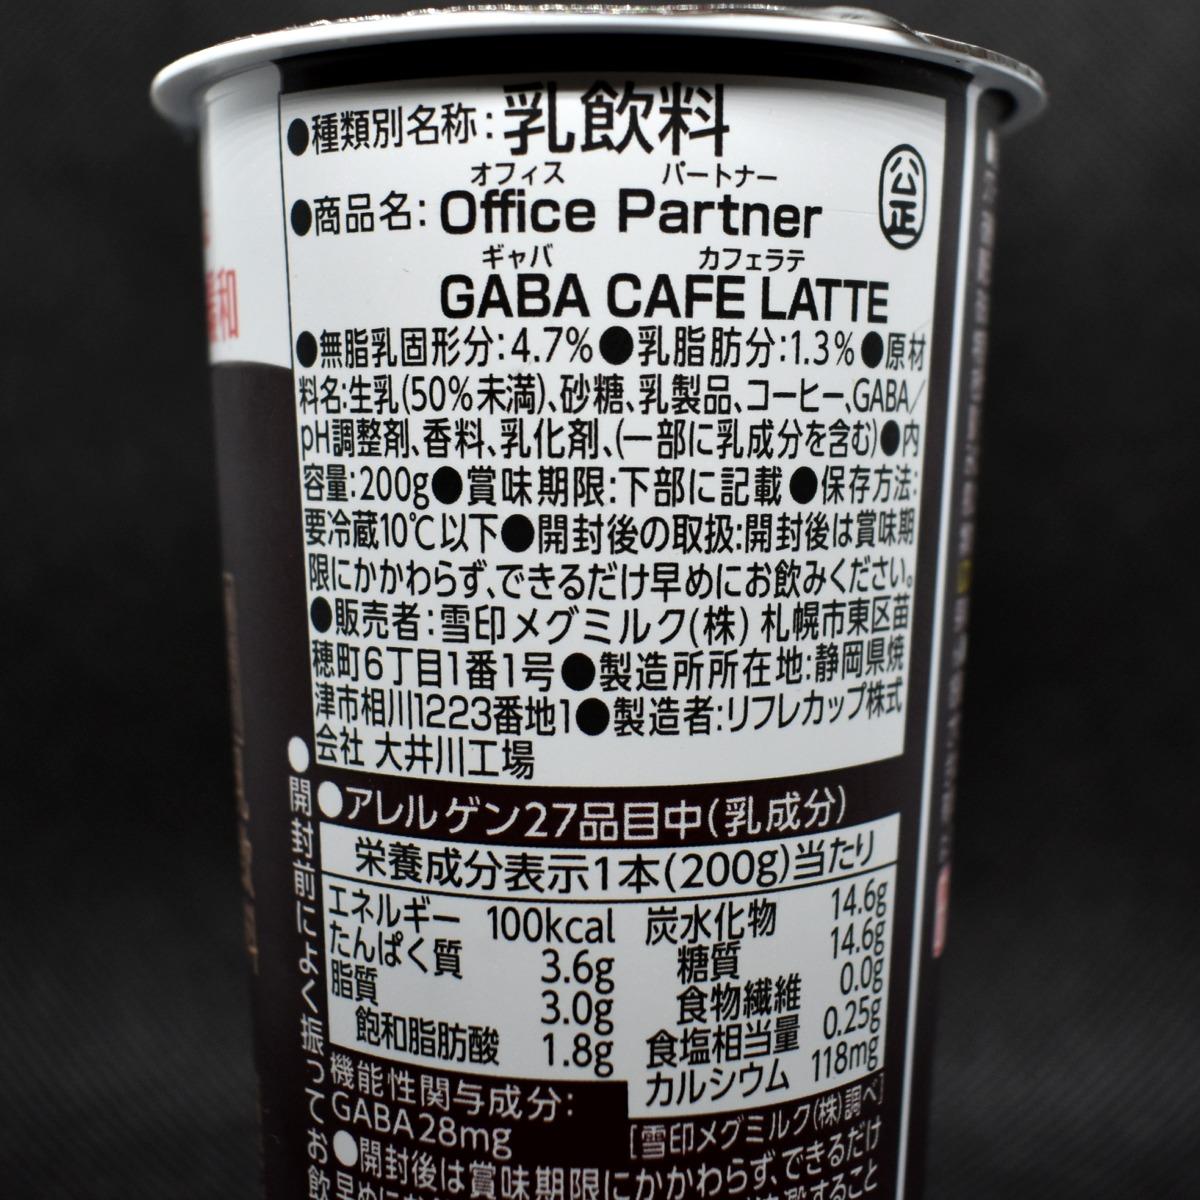 Office Partner GABA CAFE LATTE(オフィス パートナー ギャバ カフェラテ)の原材料名と栄養成分表示